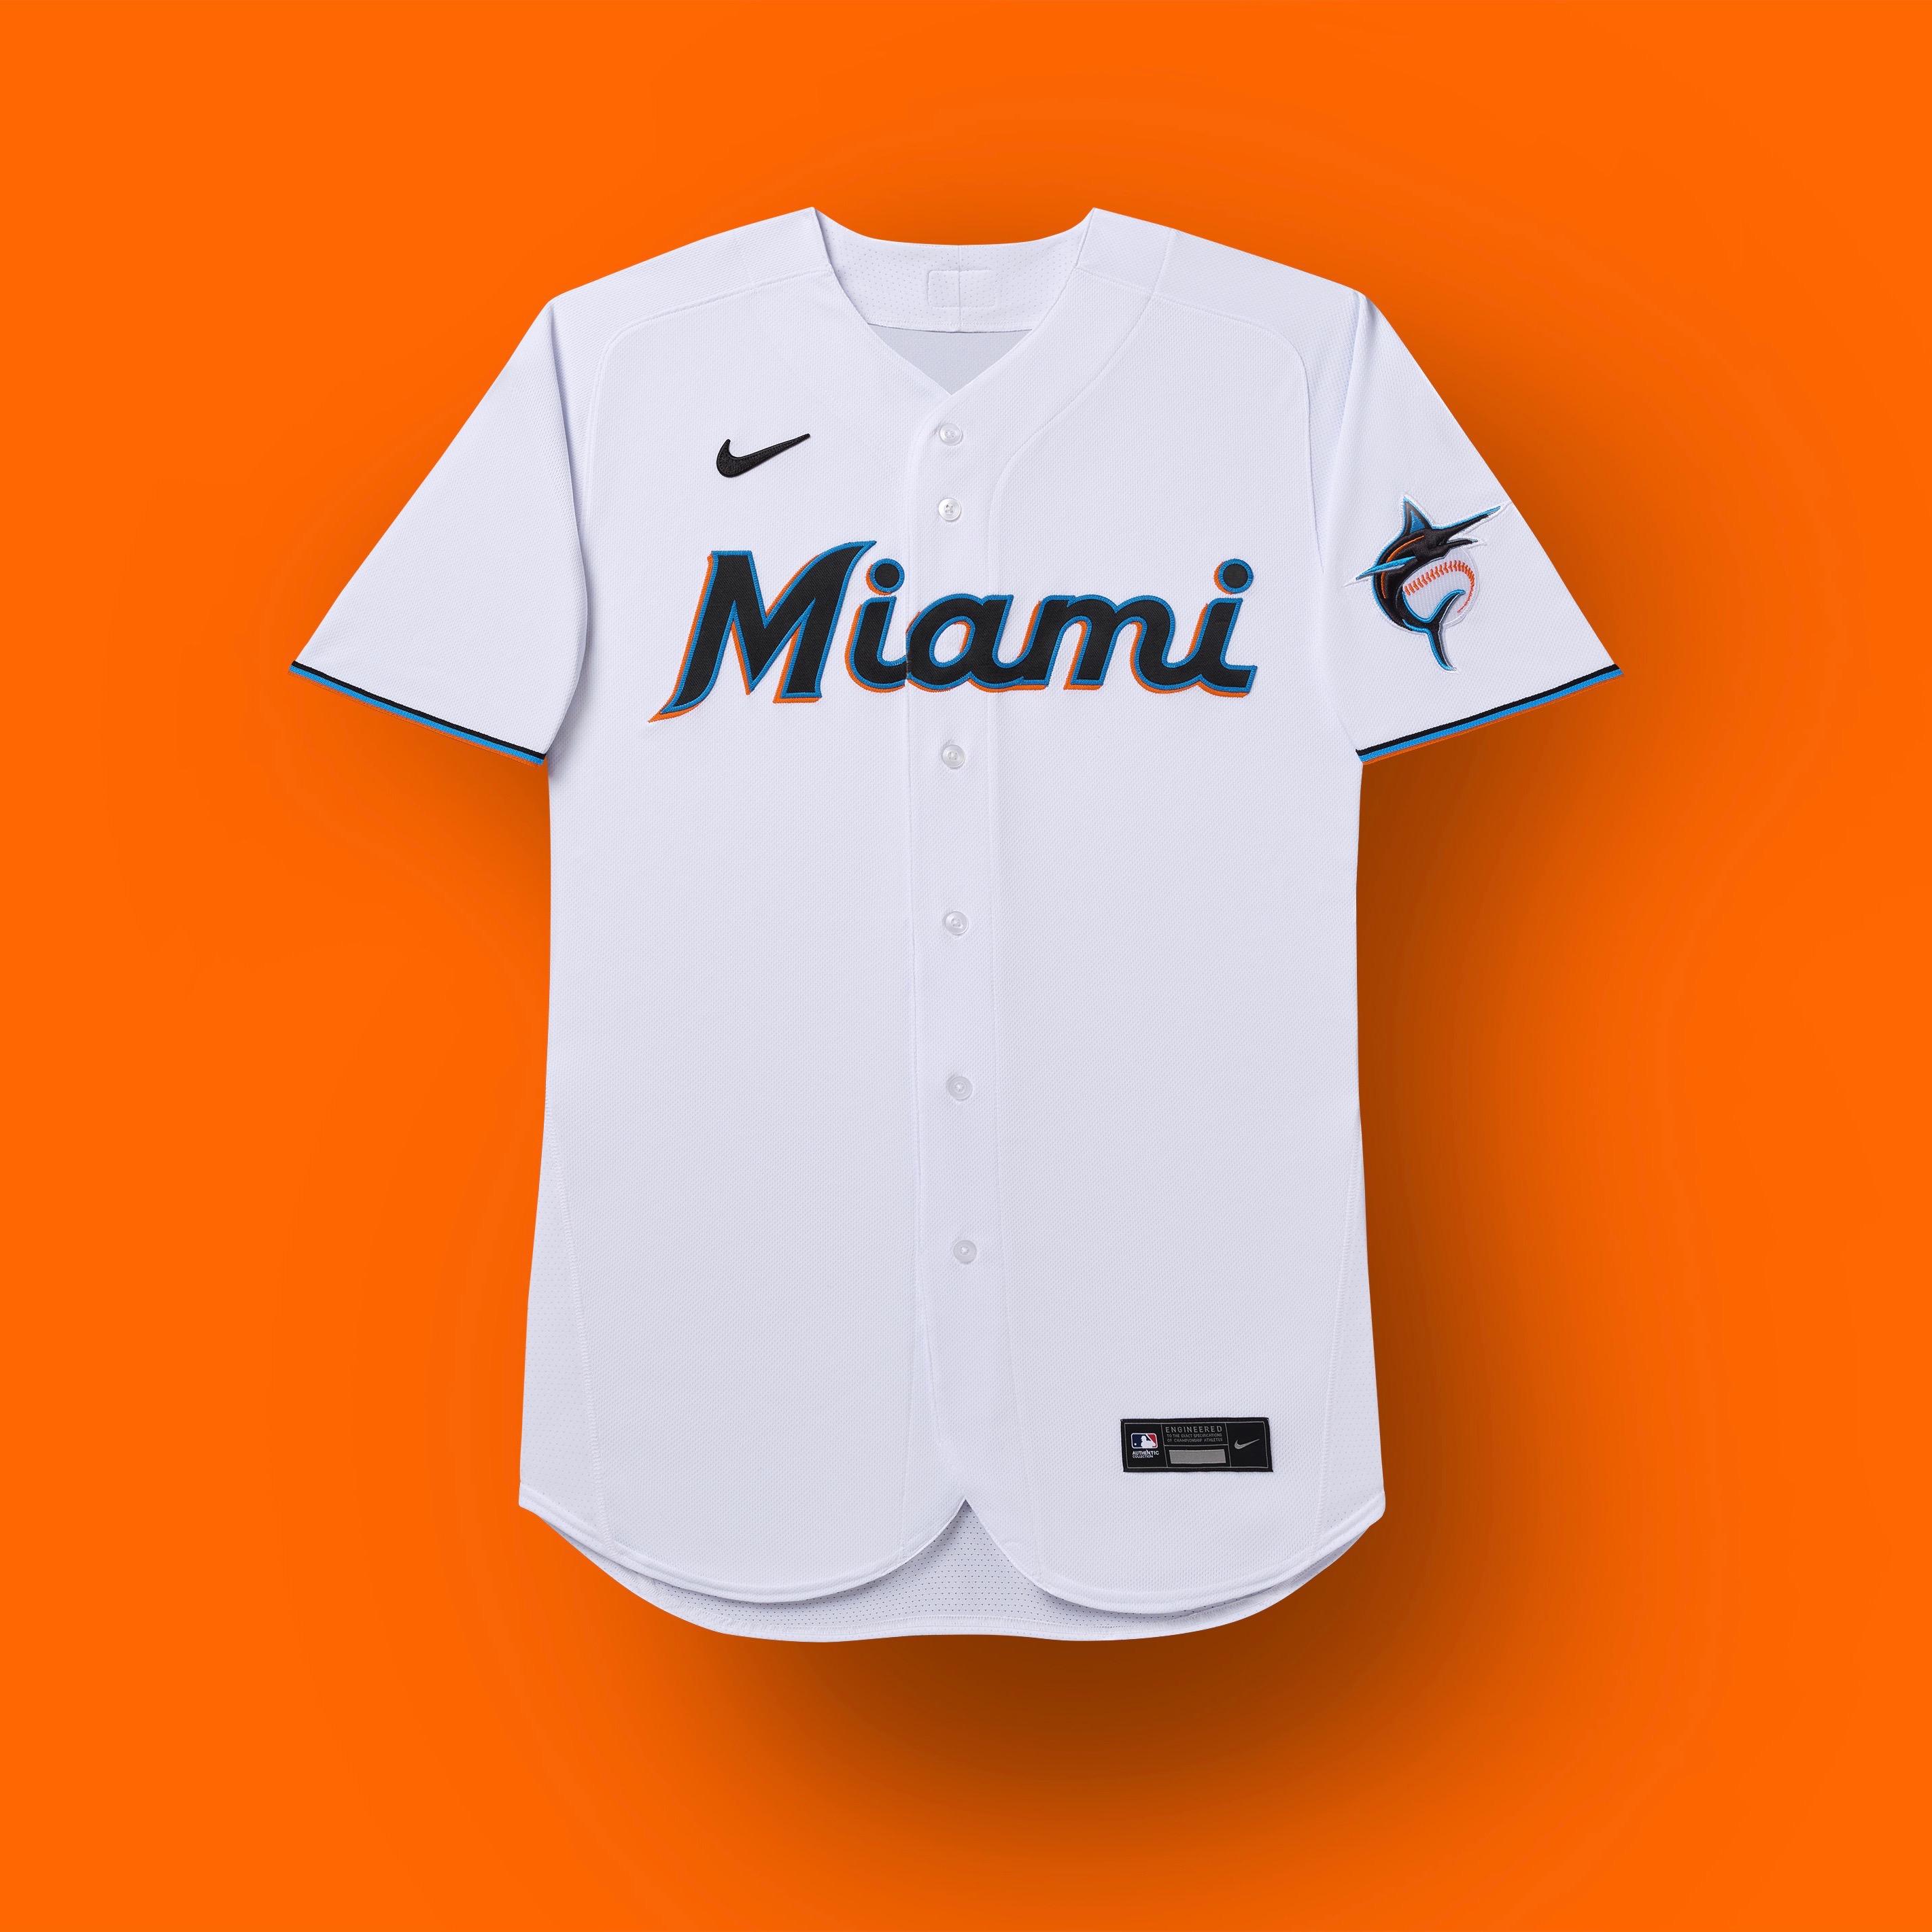 miami marlins 2020 uniform